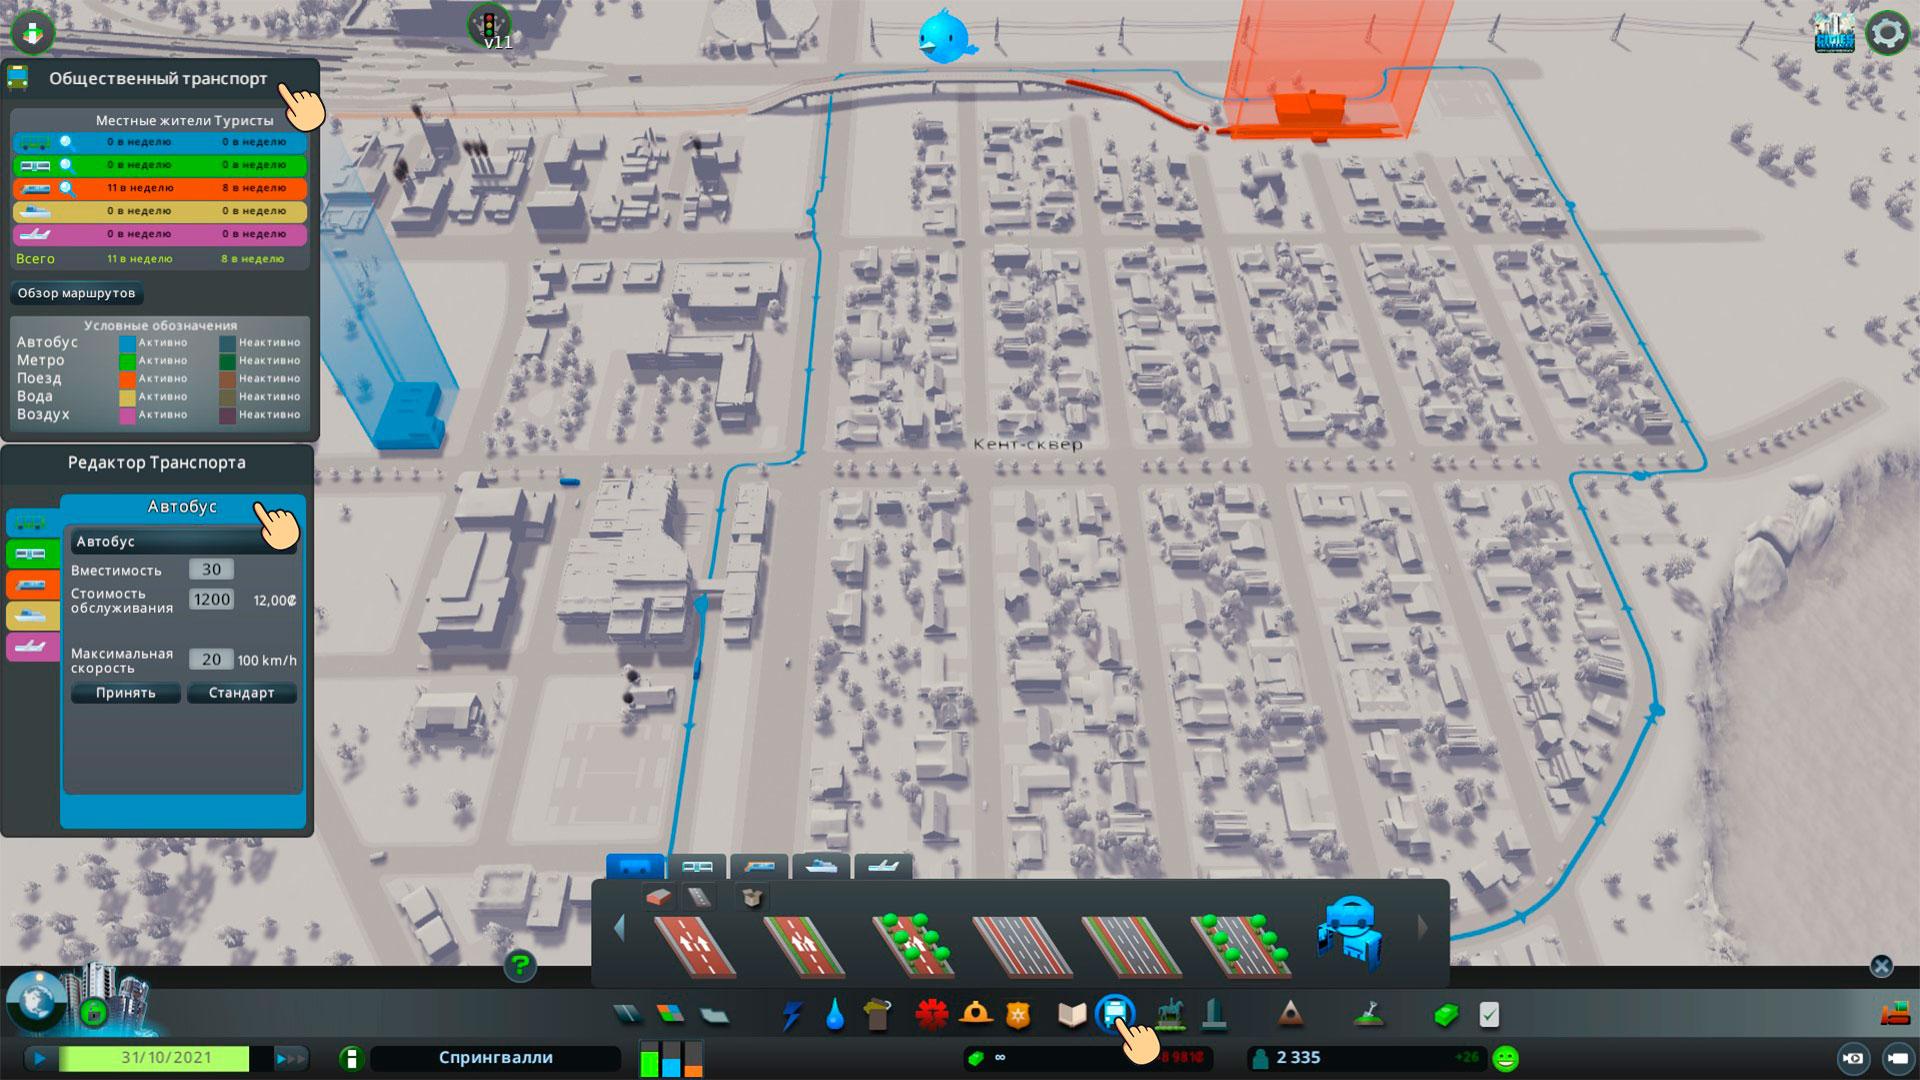 Редактор транспорта cities skyline